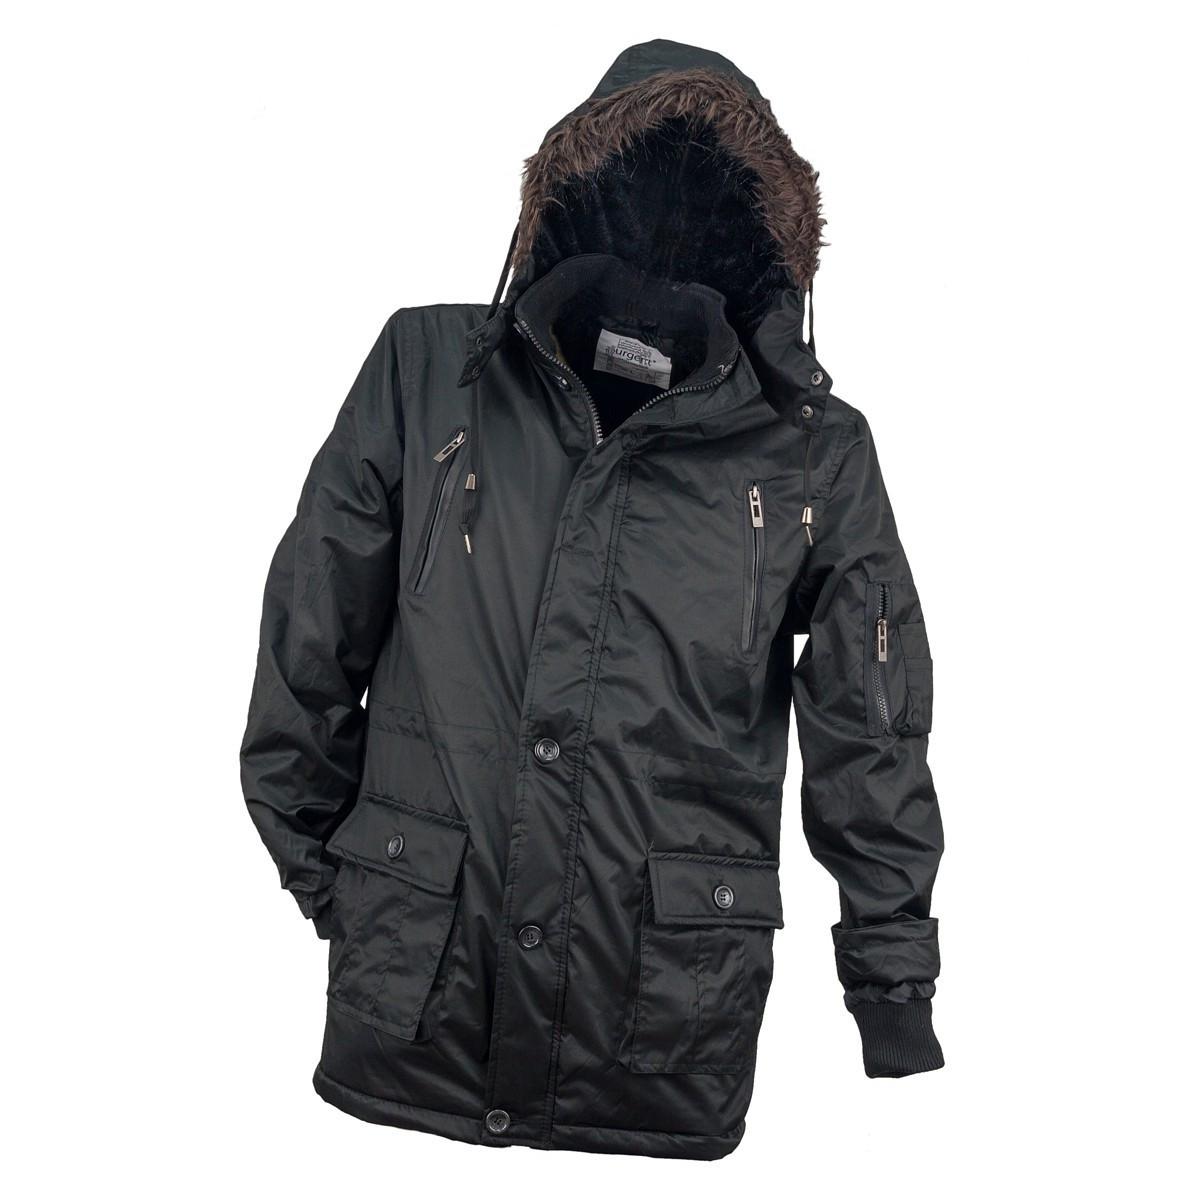 Куртка утёпленная  KURTKA OCIEPLANA URG-1720 BLACK из полиэстера,черного цвета.  Urgent (POLAND)